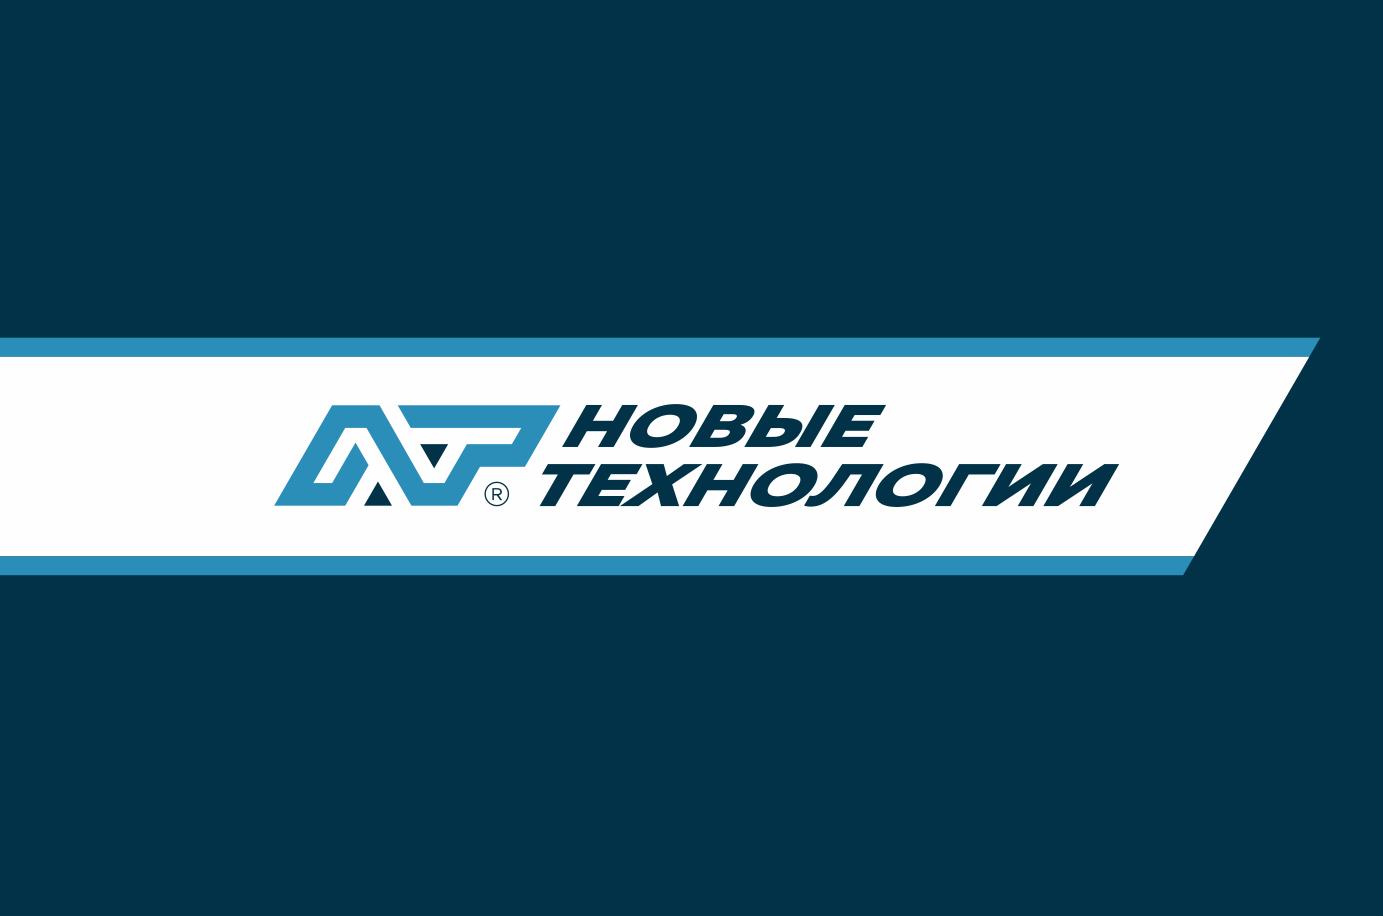 Разработка логотипа и фирменного стиля фото f_0825e834f4ae89a9.png